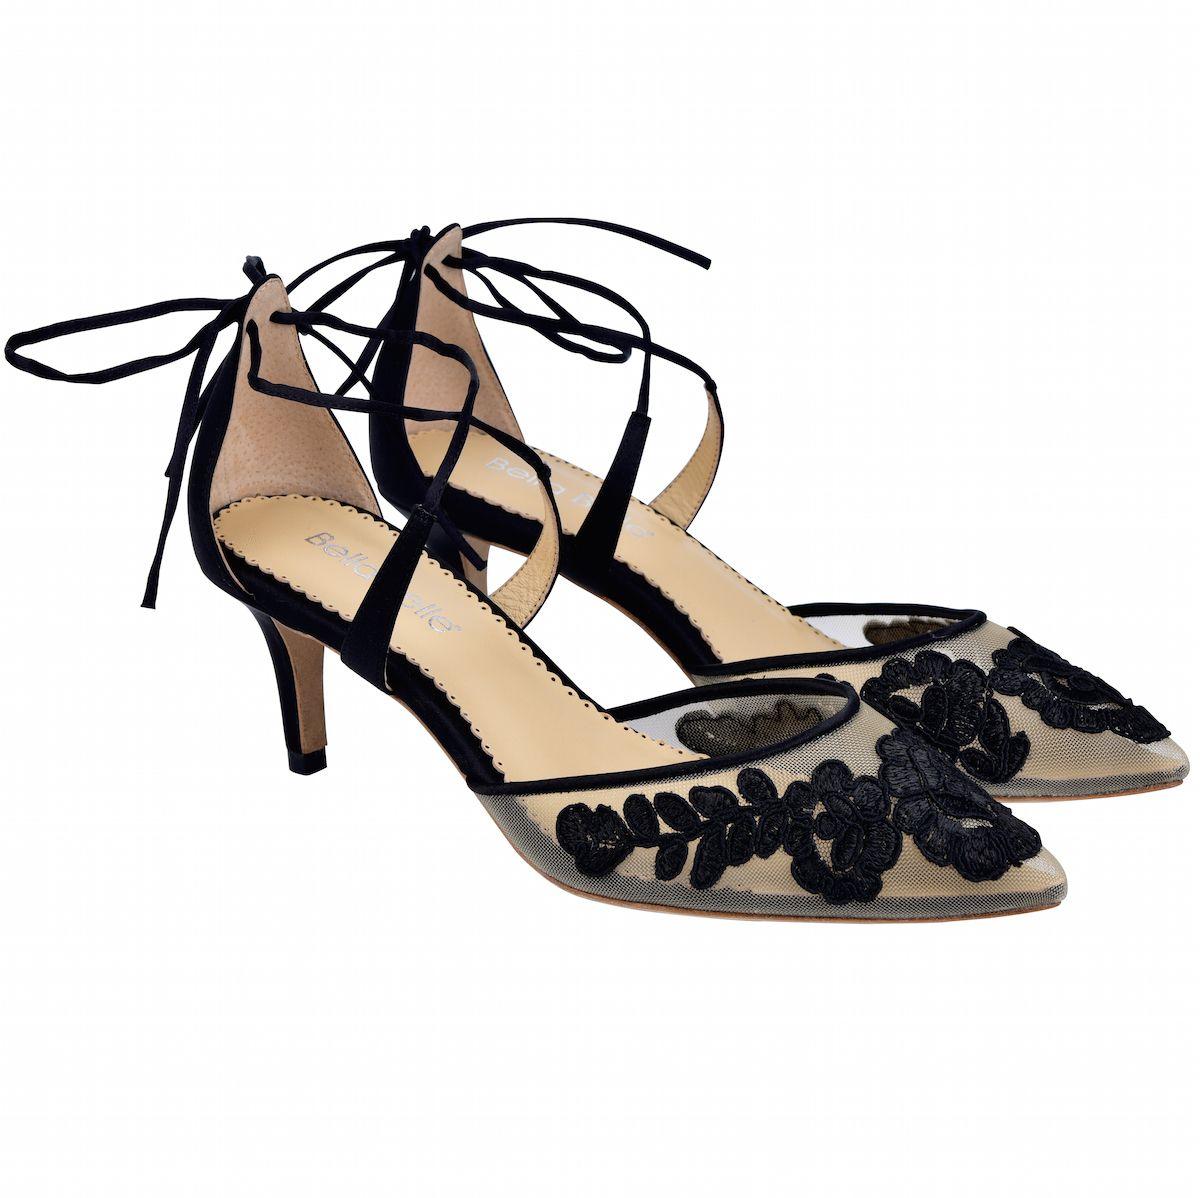 Kitten Lace Black Evening Shoe in 2020